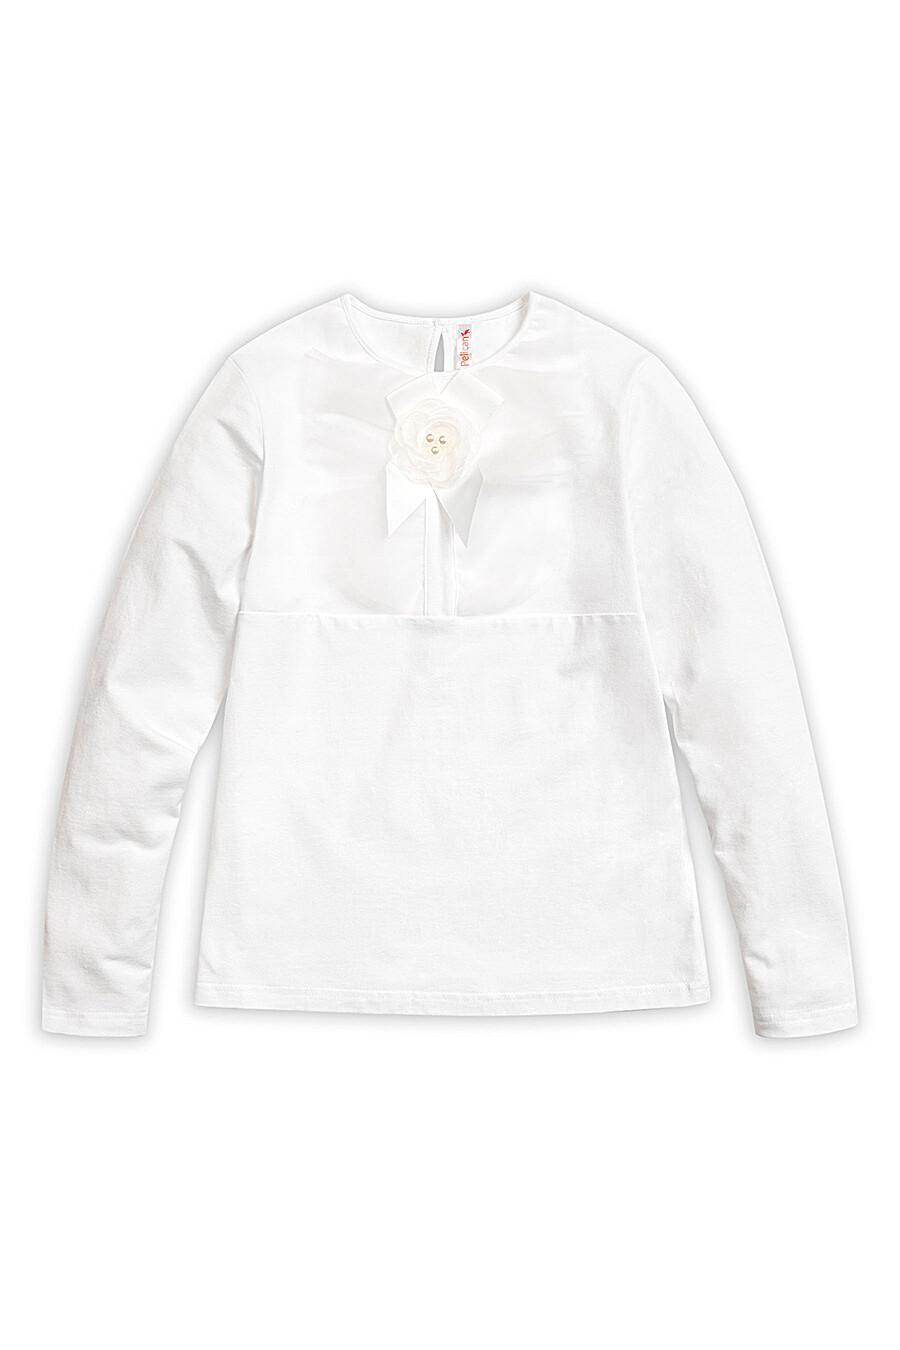 Блузка для девочек PELICAN 218523 купить оптом от производителя. Совместная покупка детской одежды в OptMoyo